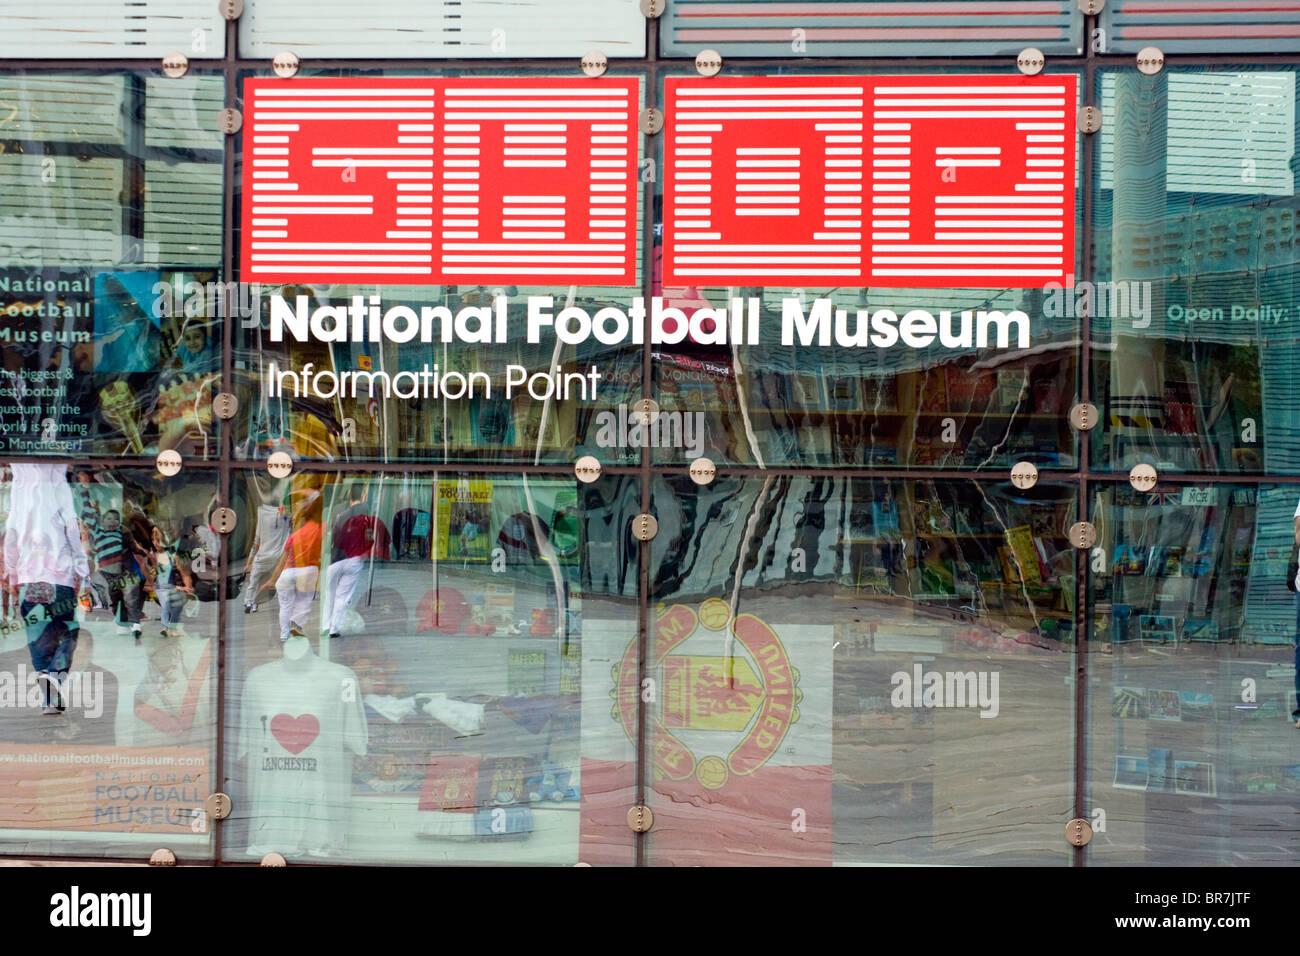 3f1baa6f2e Museo Nazionale del Calcio Shop, Urbis, Manchester Foto & Immagine ...